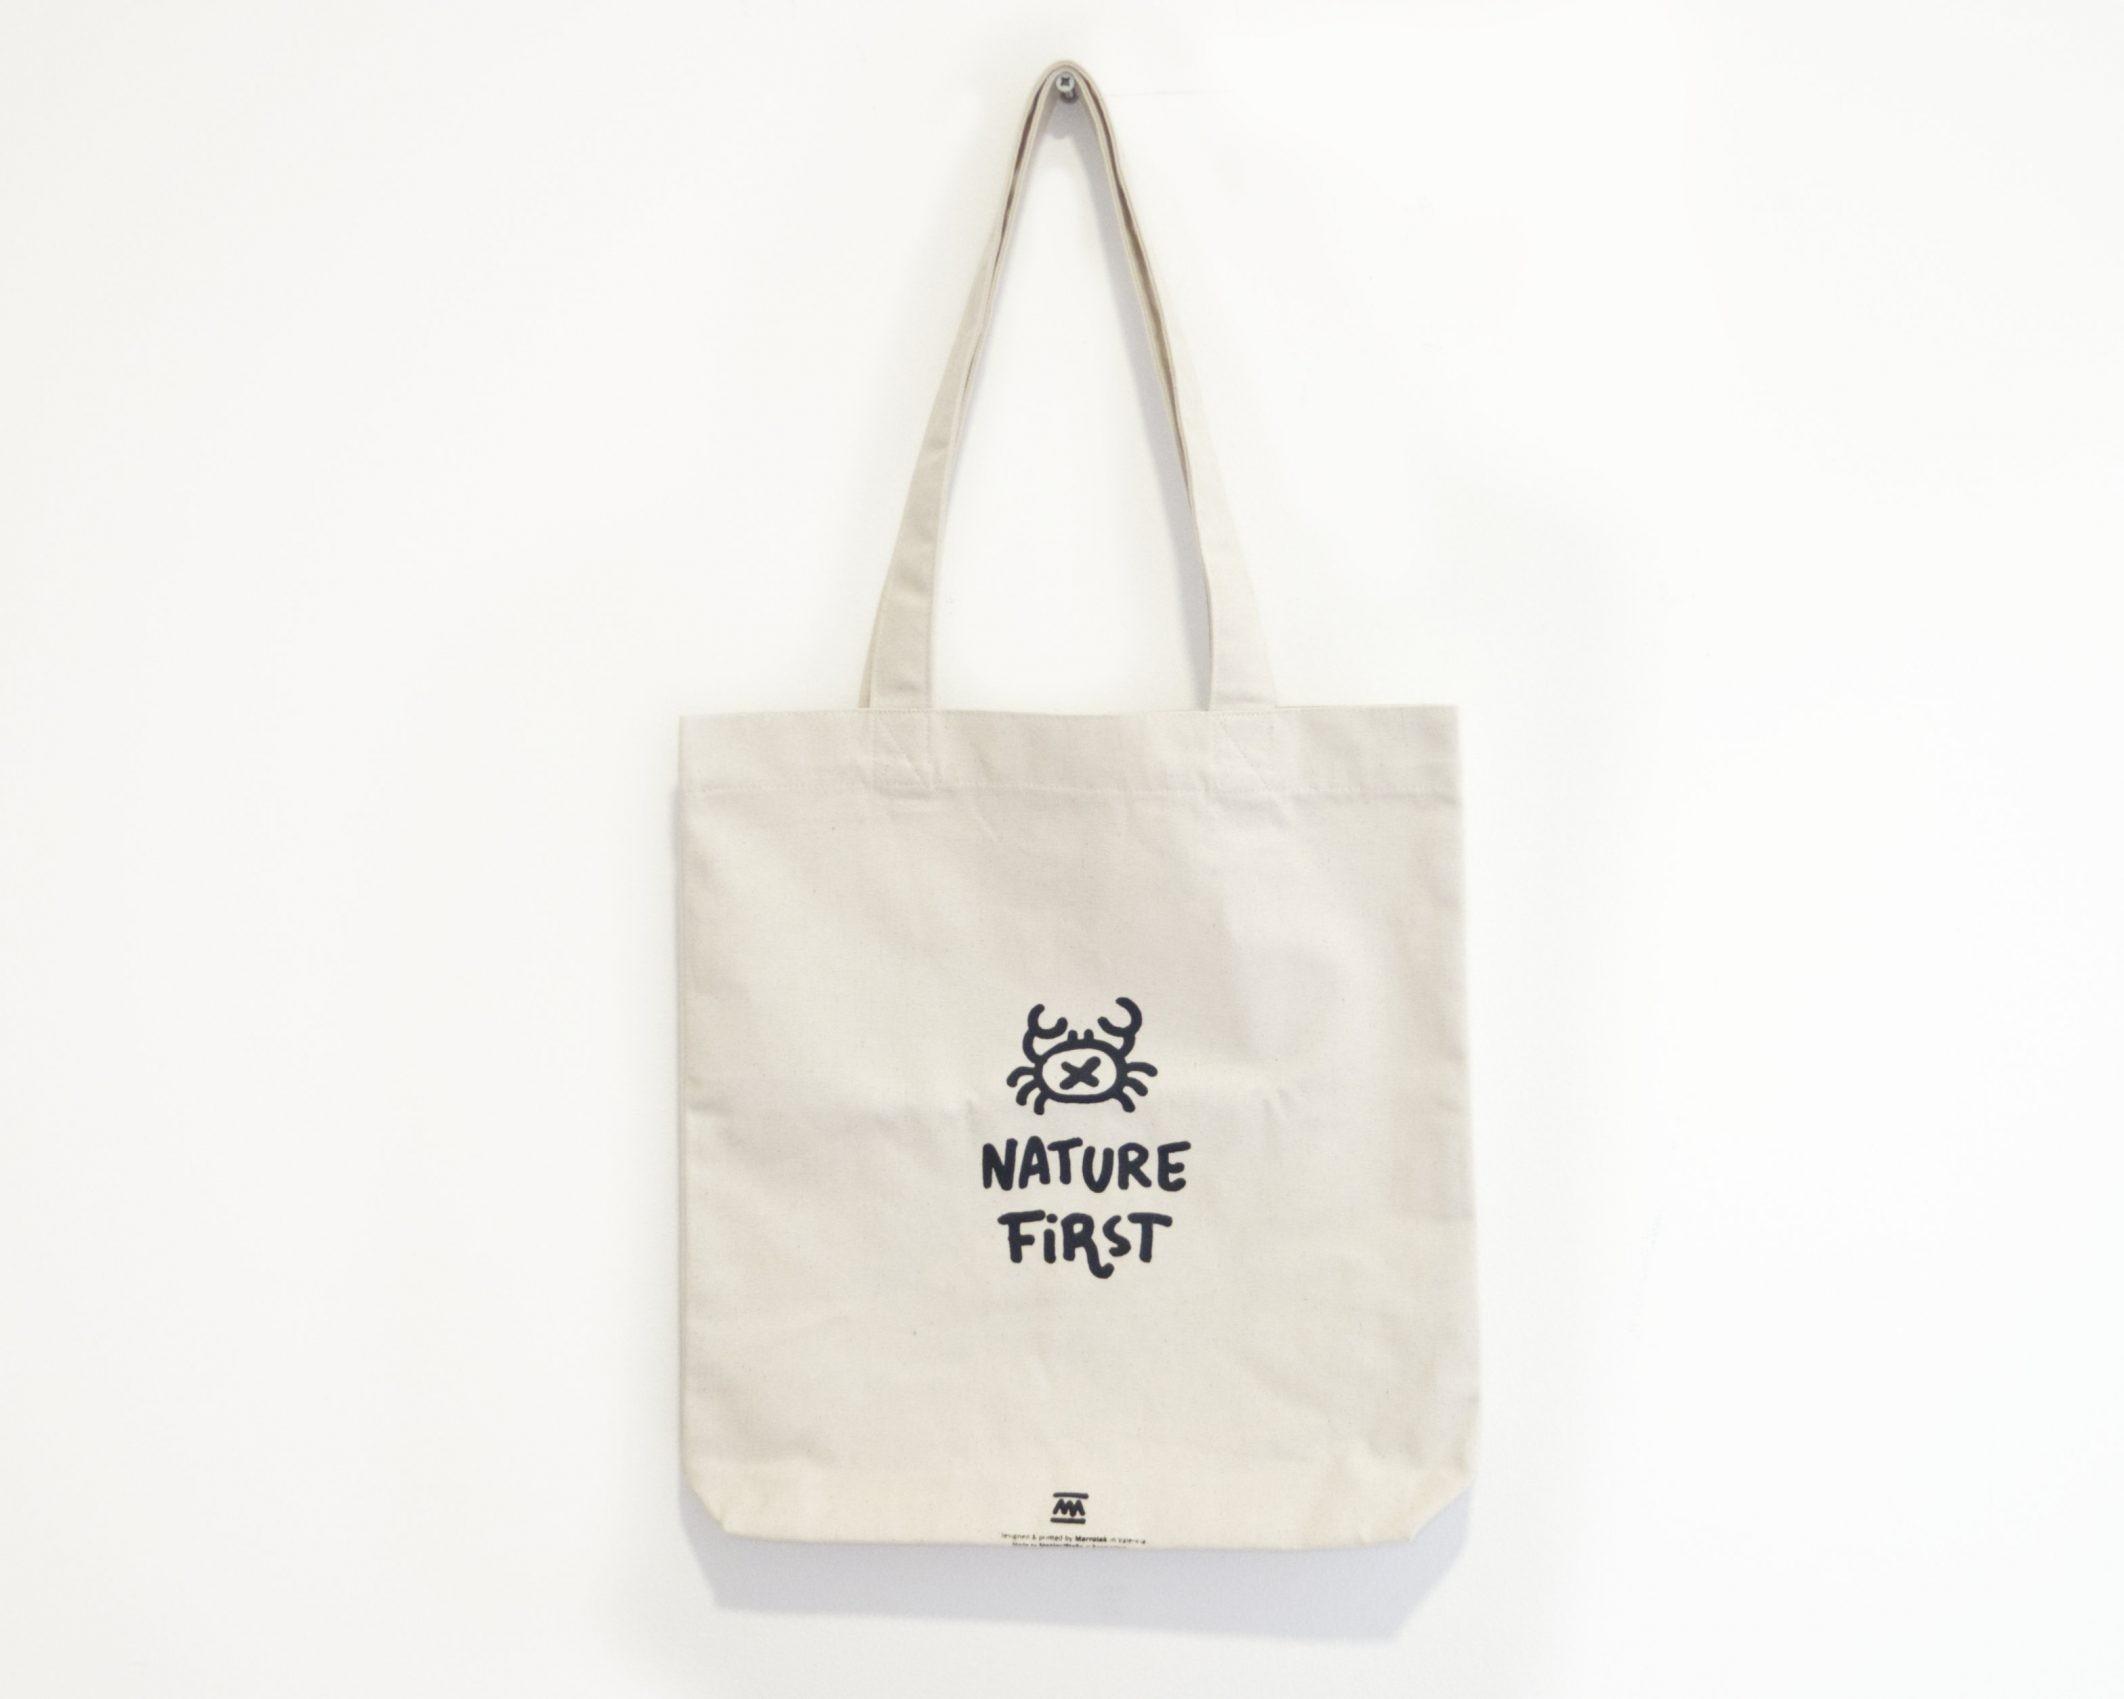 Tote Bag blanco natural nature first - ilustración cangrejo - Comercio Justo Algodón orgánico reciclado